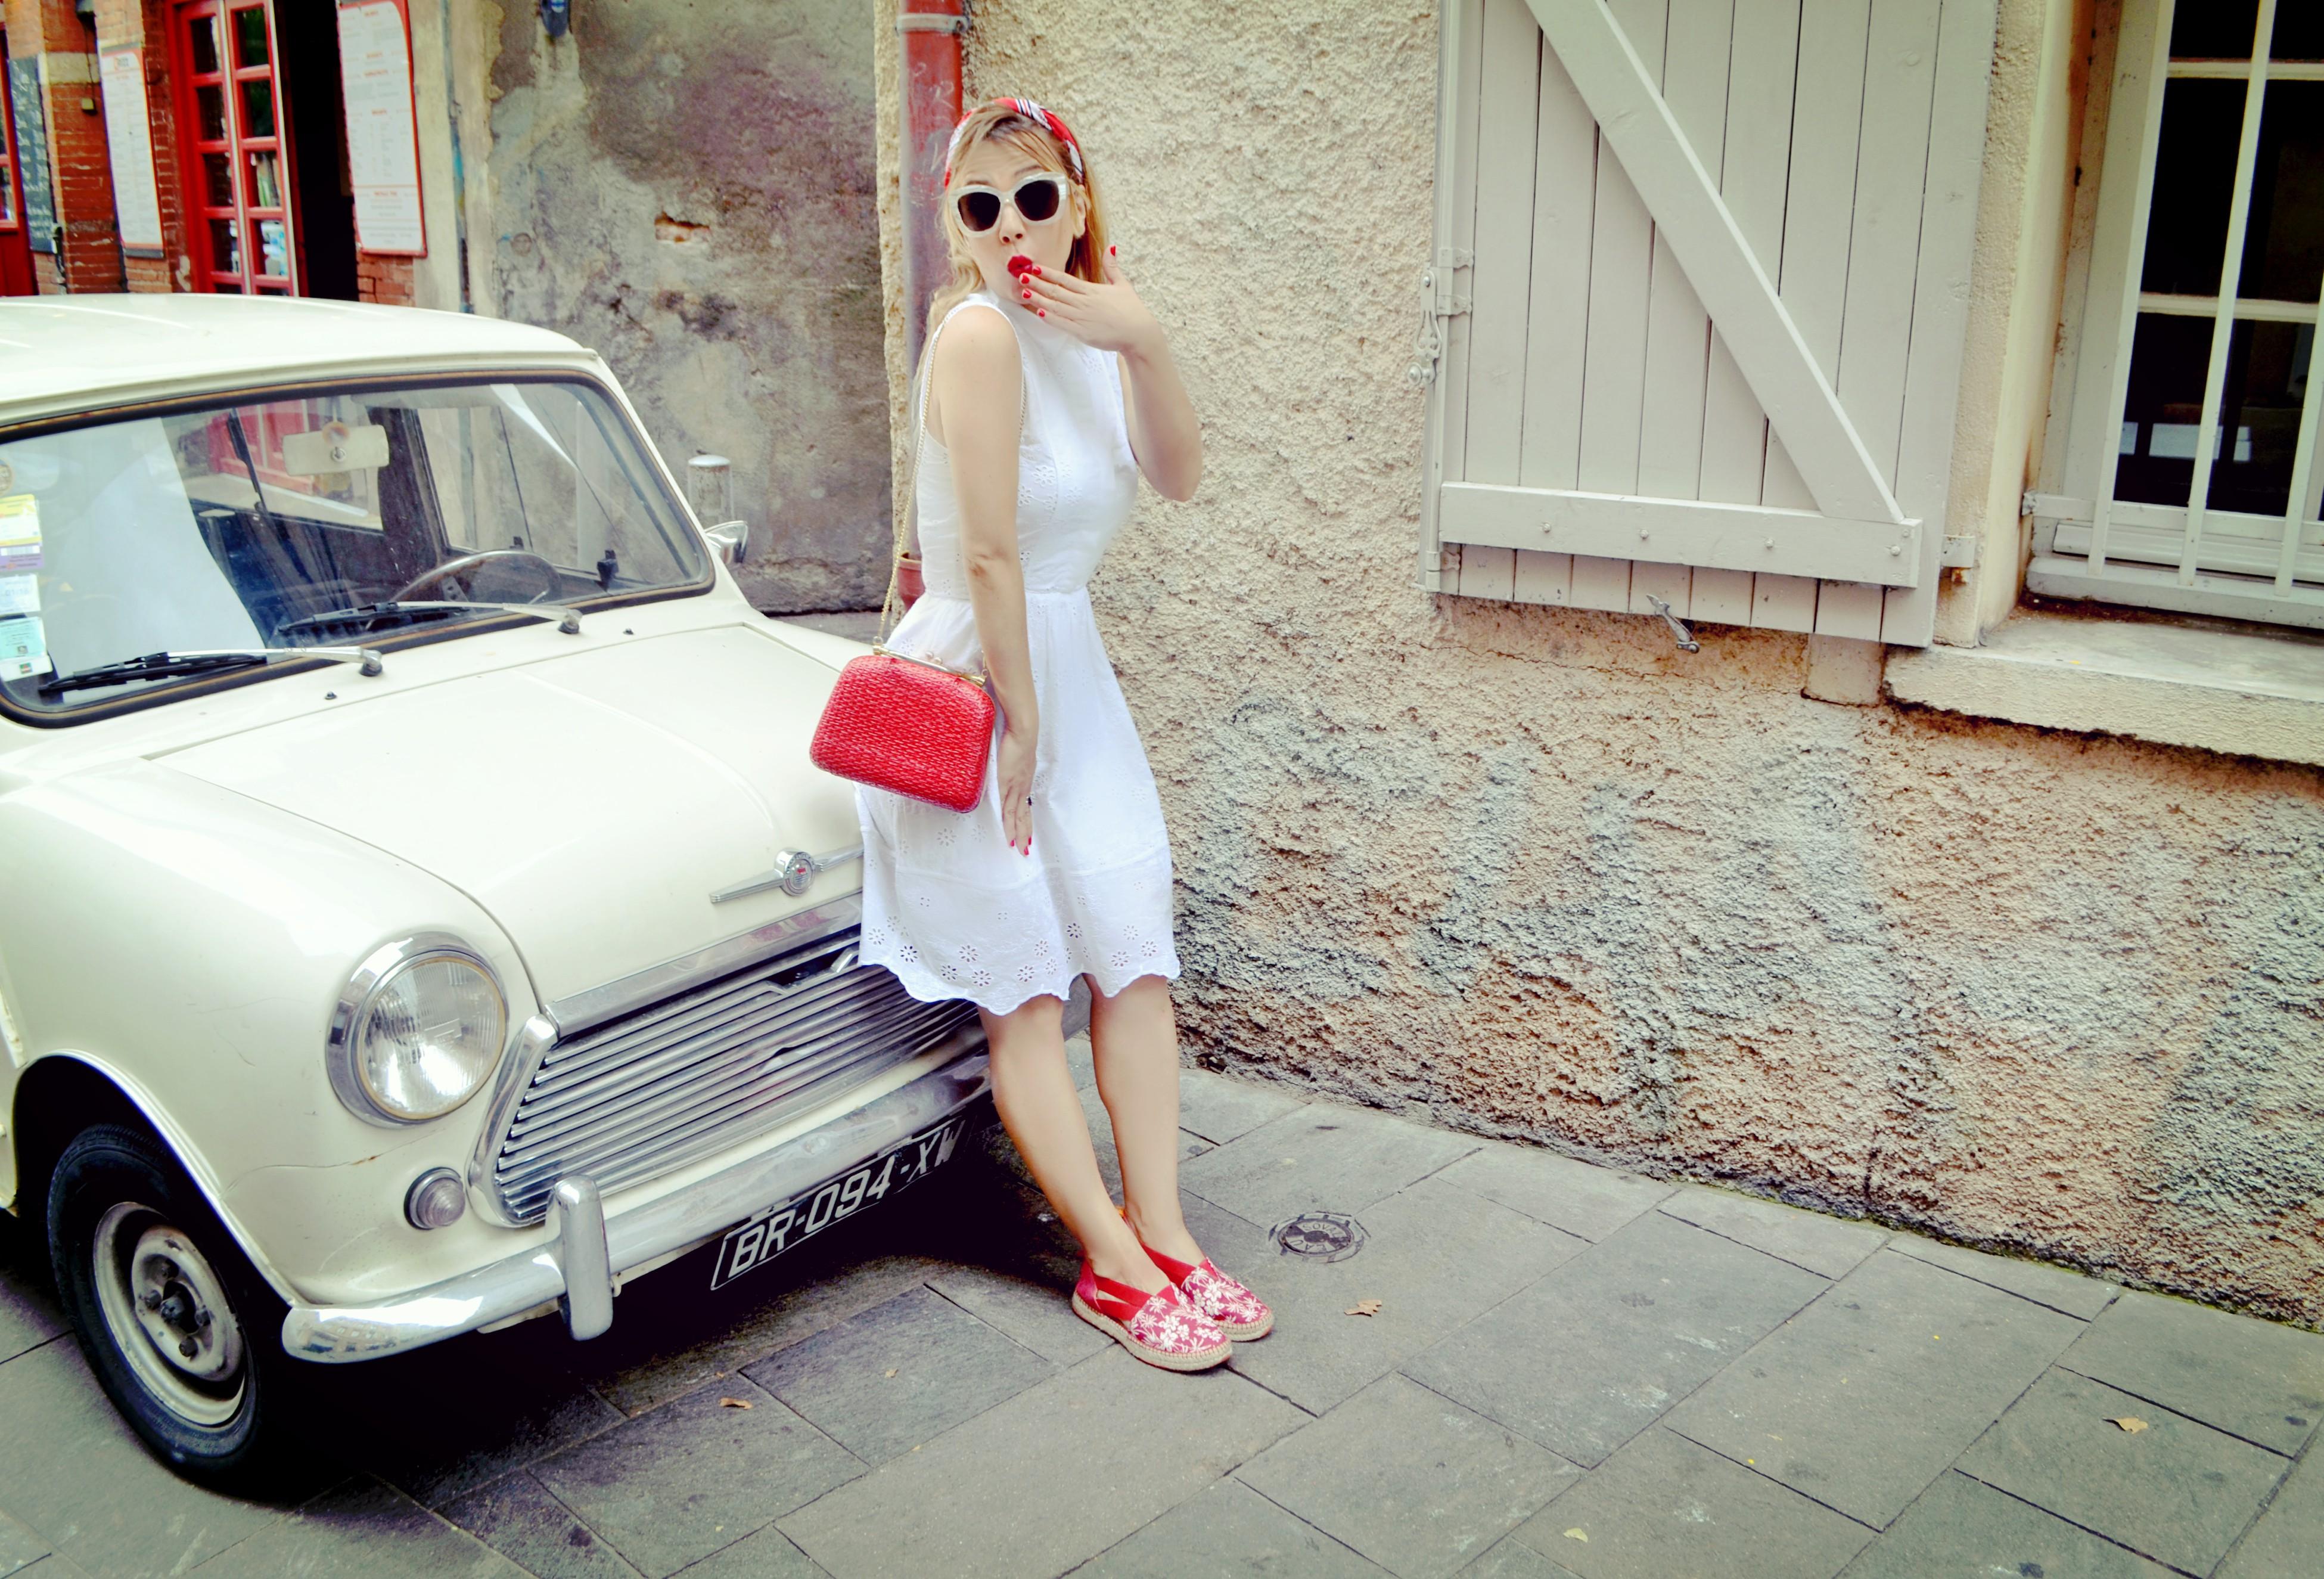 ChicAdicta-blog-de-viajes-fashionista-influencer-Chic-Adicta-vestido-blanco-alpargatas-instint-blog-de-moda-Piensaen-Chic-Piensa-en-Chic